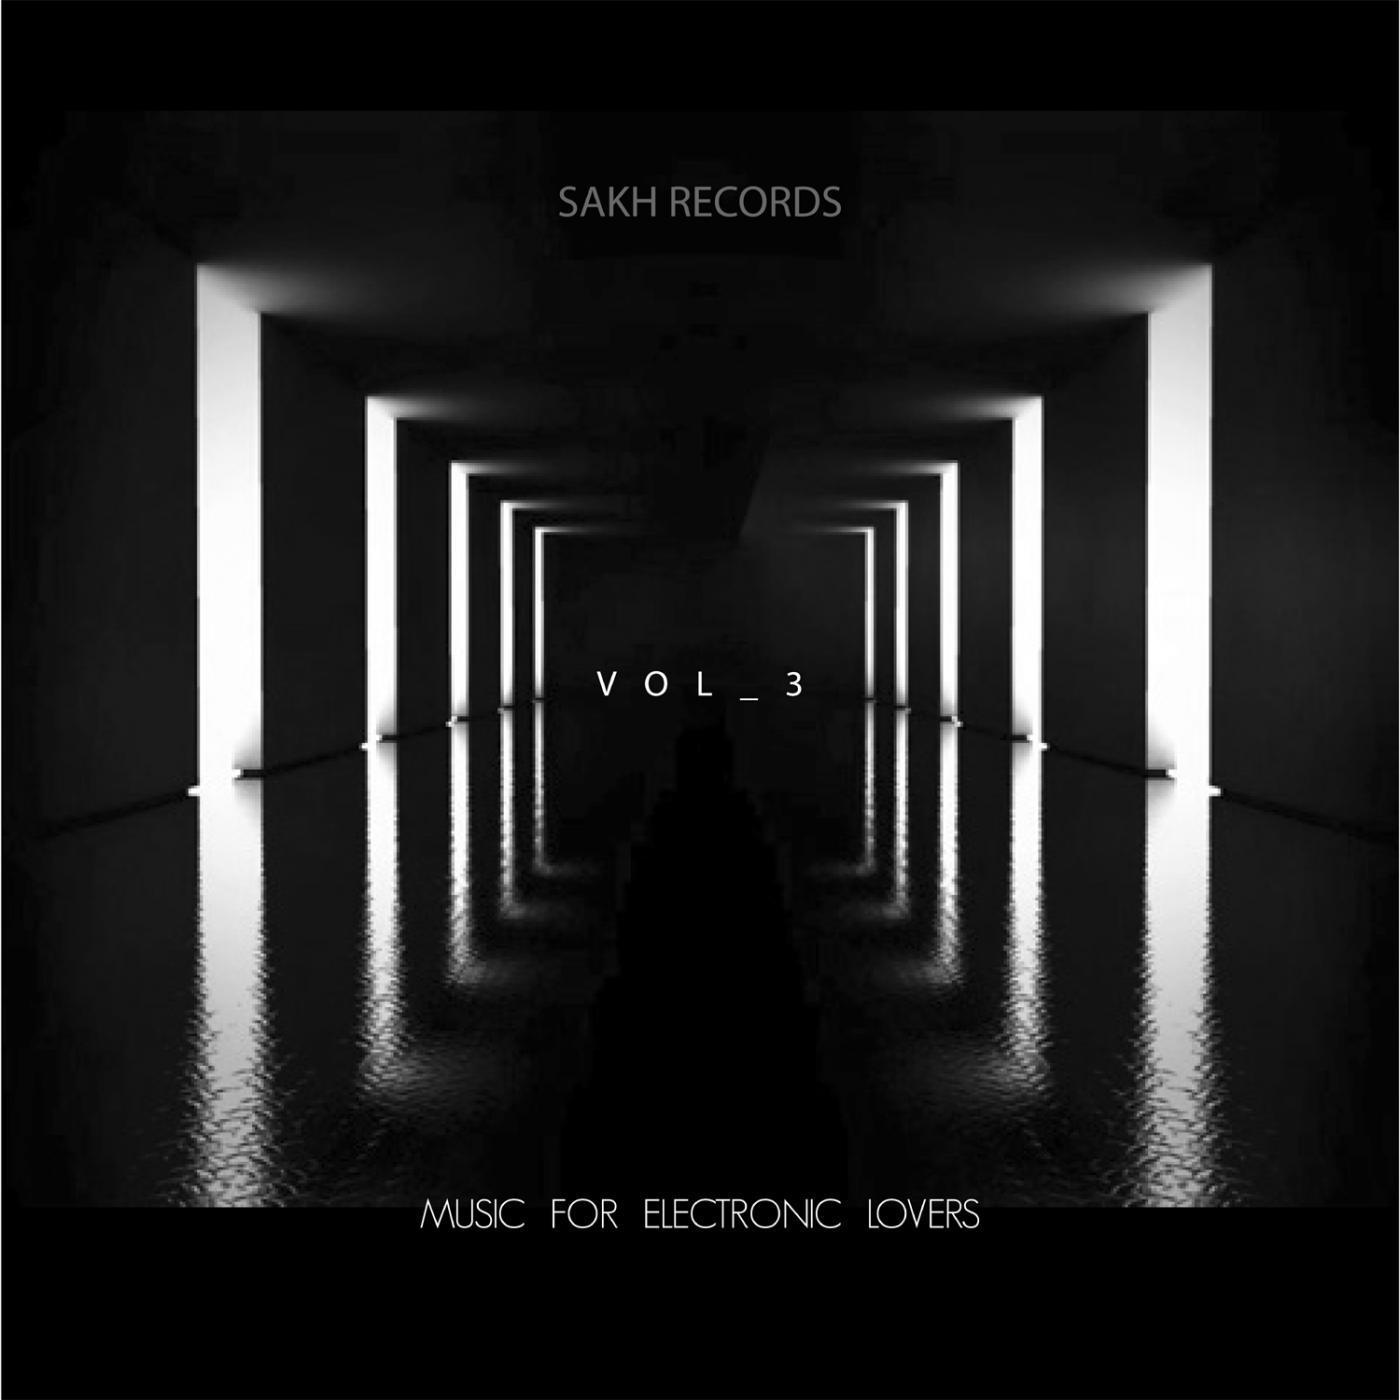 Ruslan Khodzhamov - Envenomed Phenom (Original Mix)